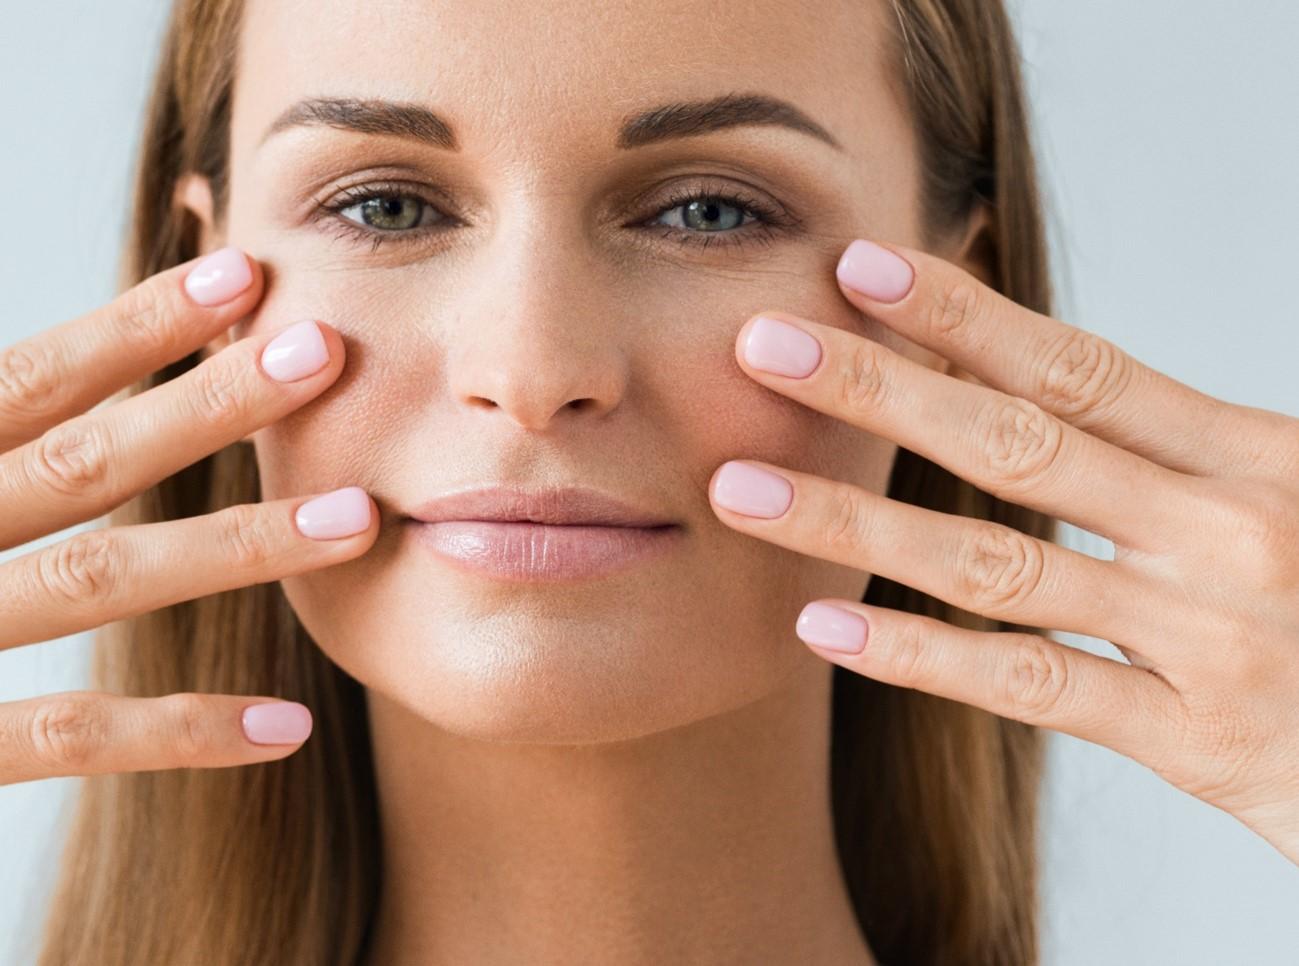 Mejores tratamientos de medicina estética para después del verano